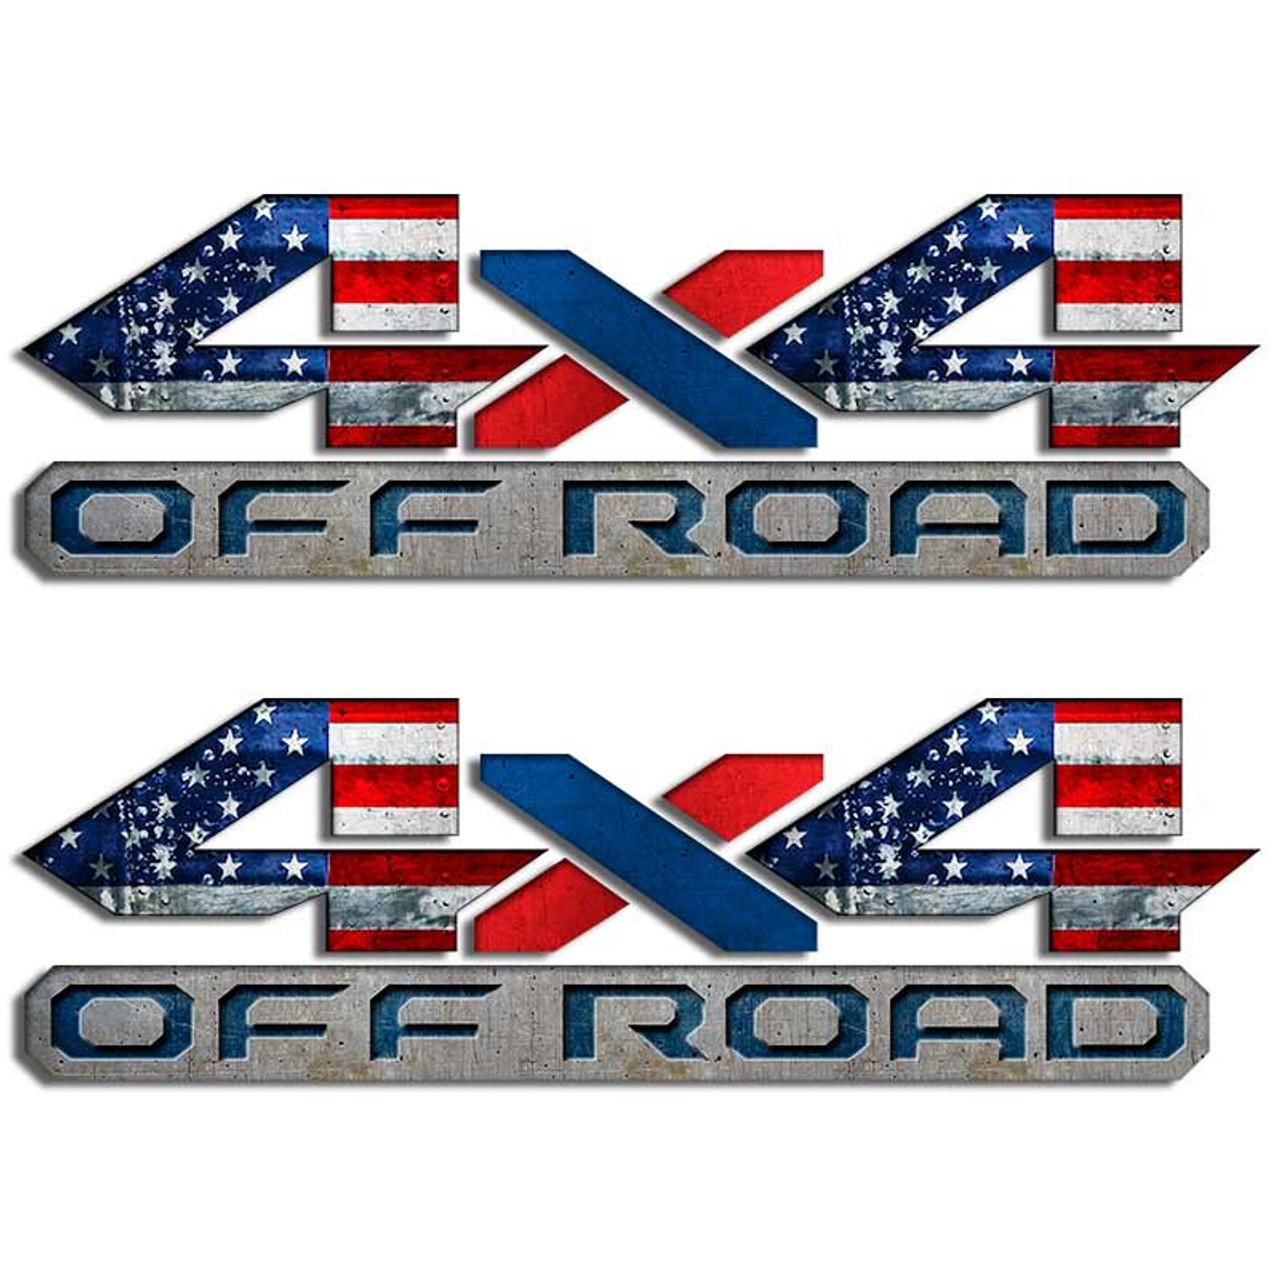 Dodge Ram 4x4 American Flag Truck Decal Set Usa Mopar Sticker